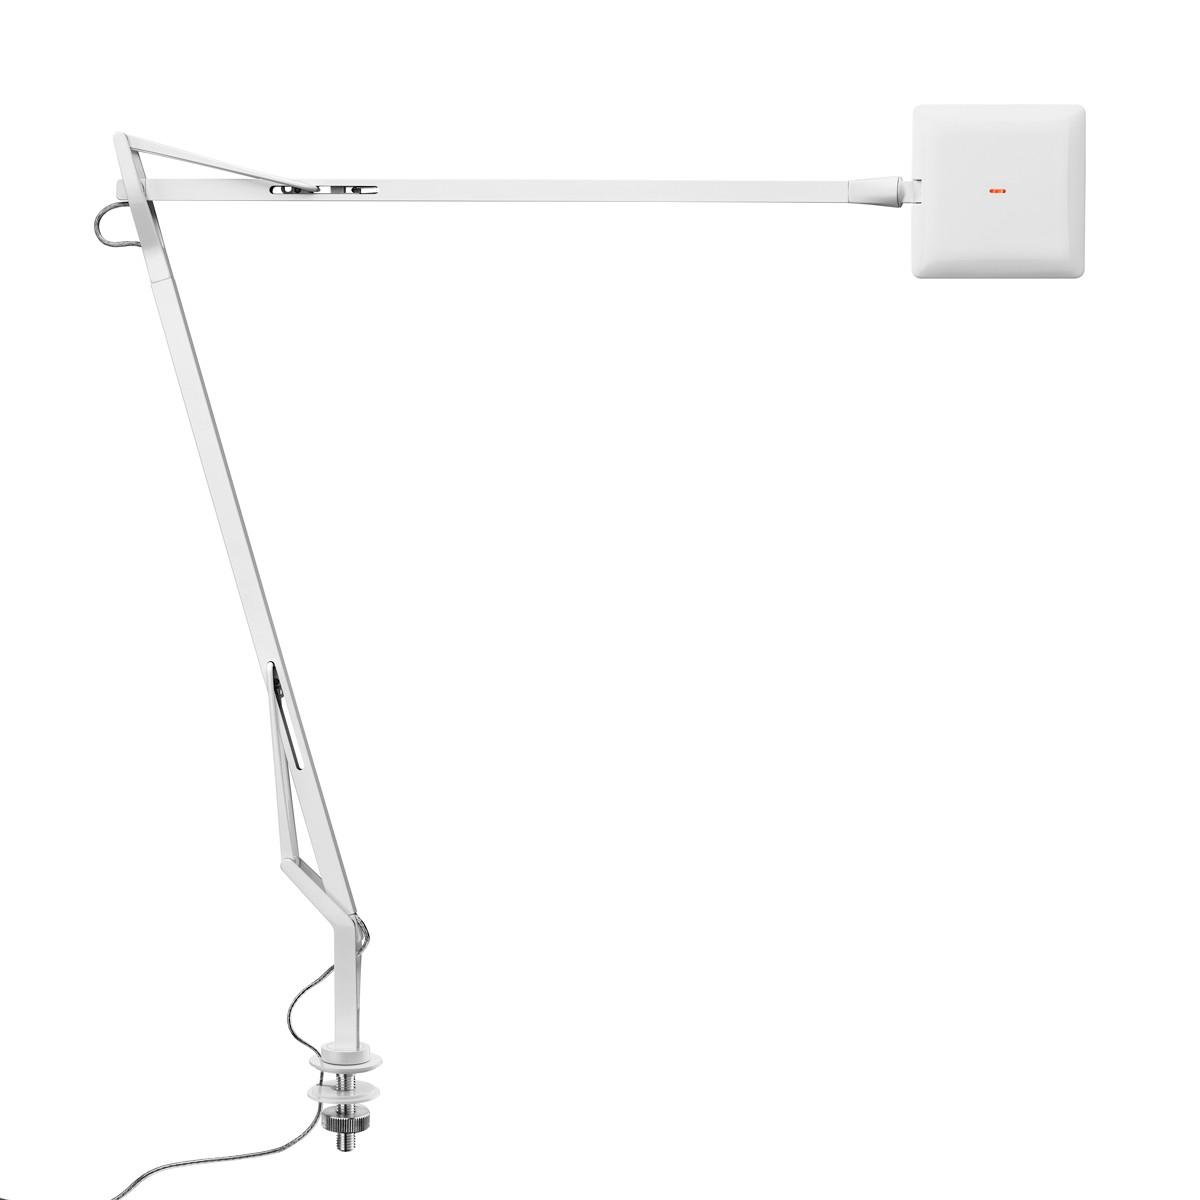 Flos Kelvin Edge Tischleuchte mit Schraubbefestigung, mit verhülltem Kabel, weiß glänzend